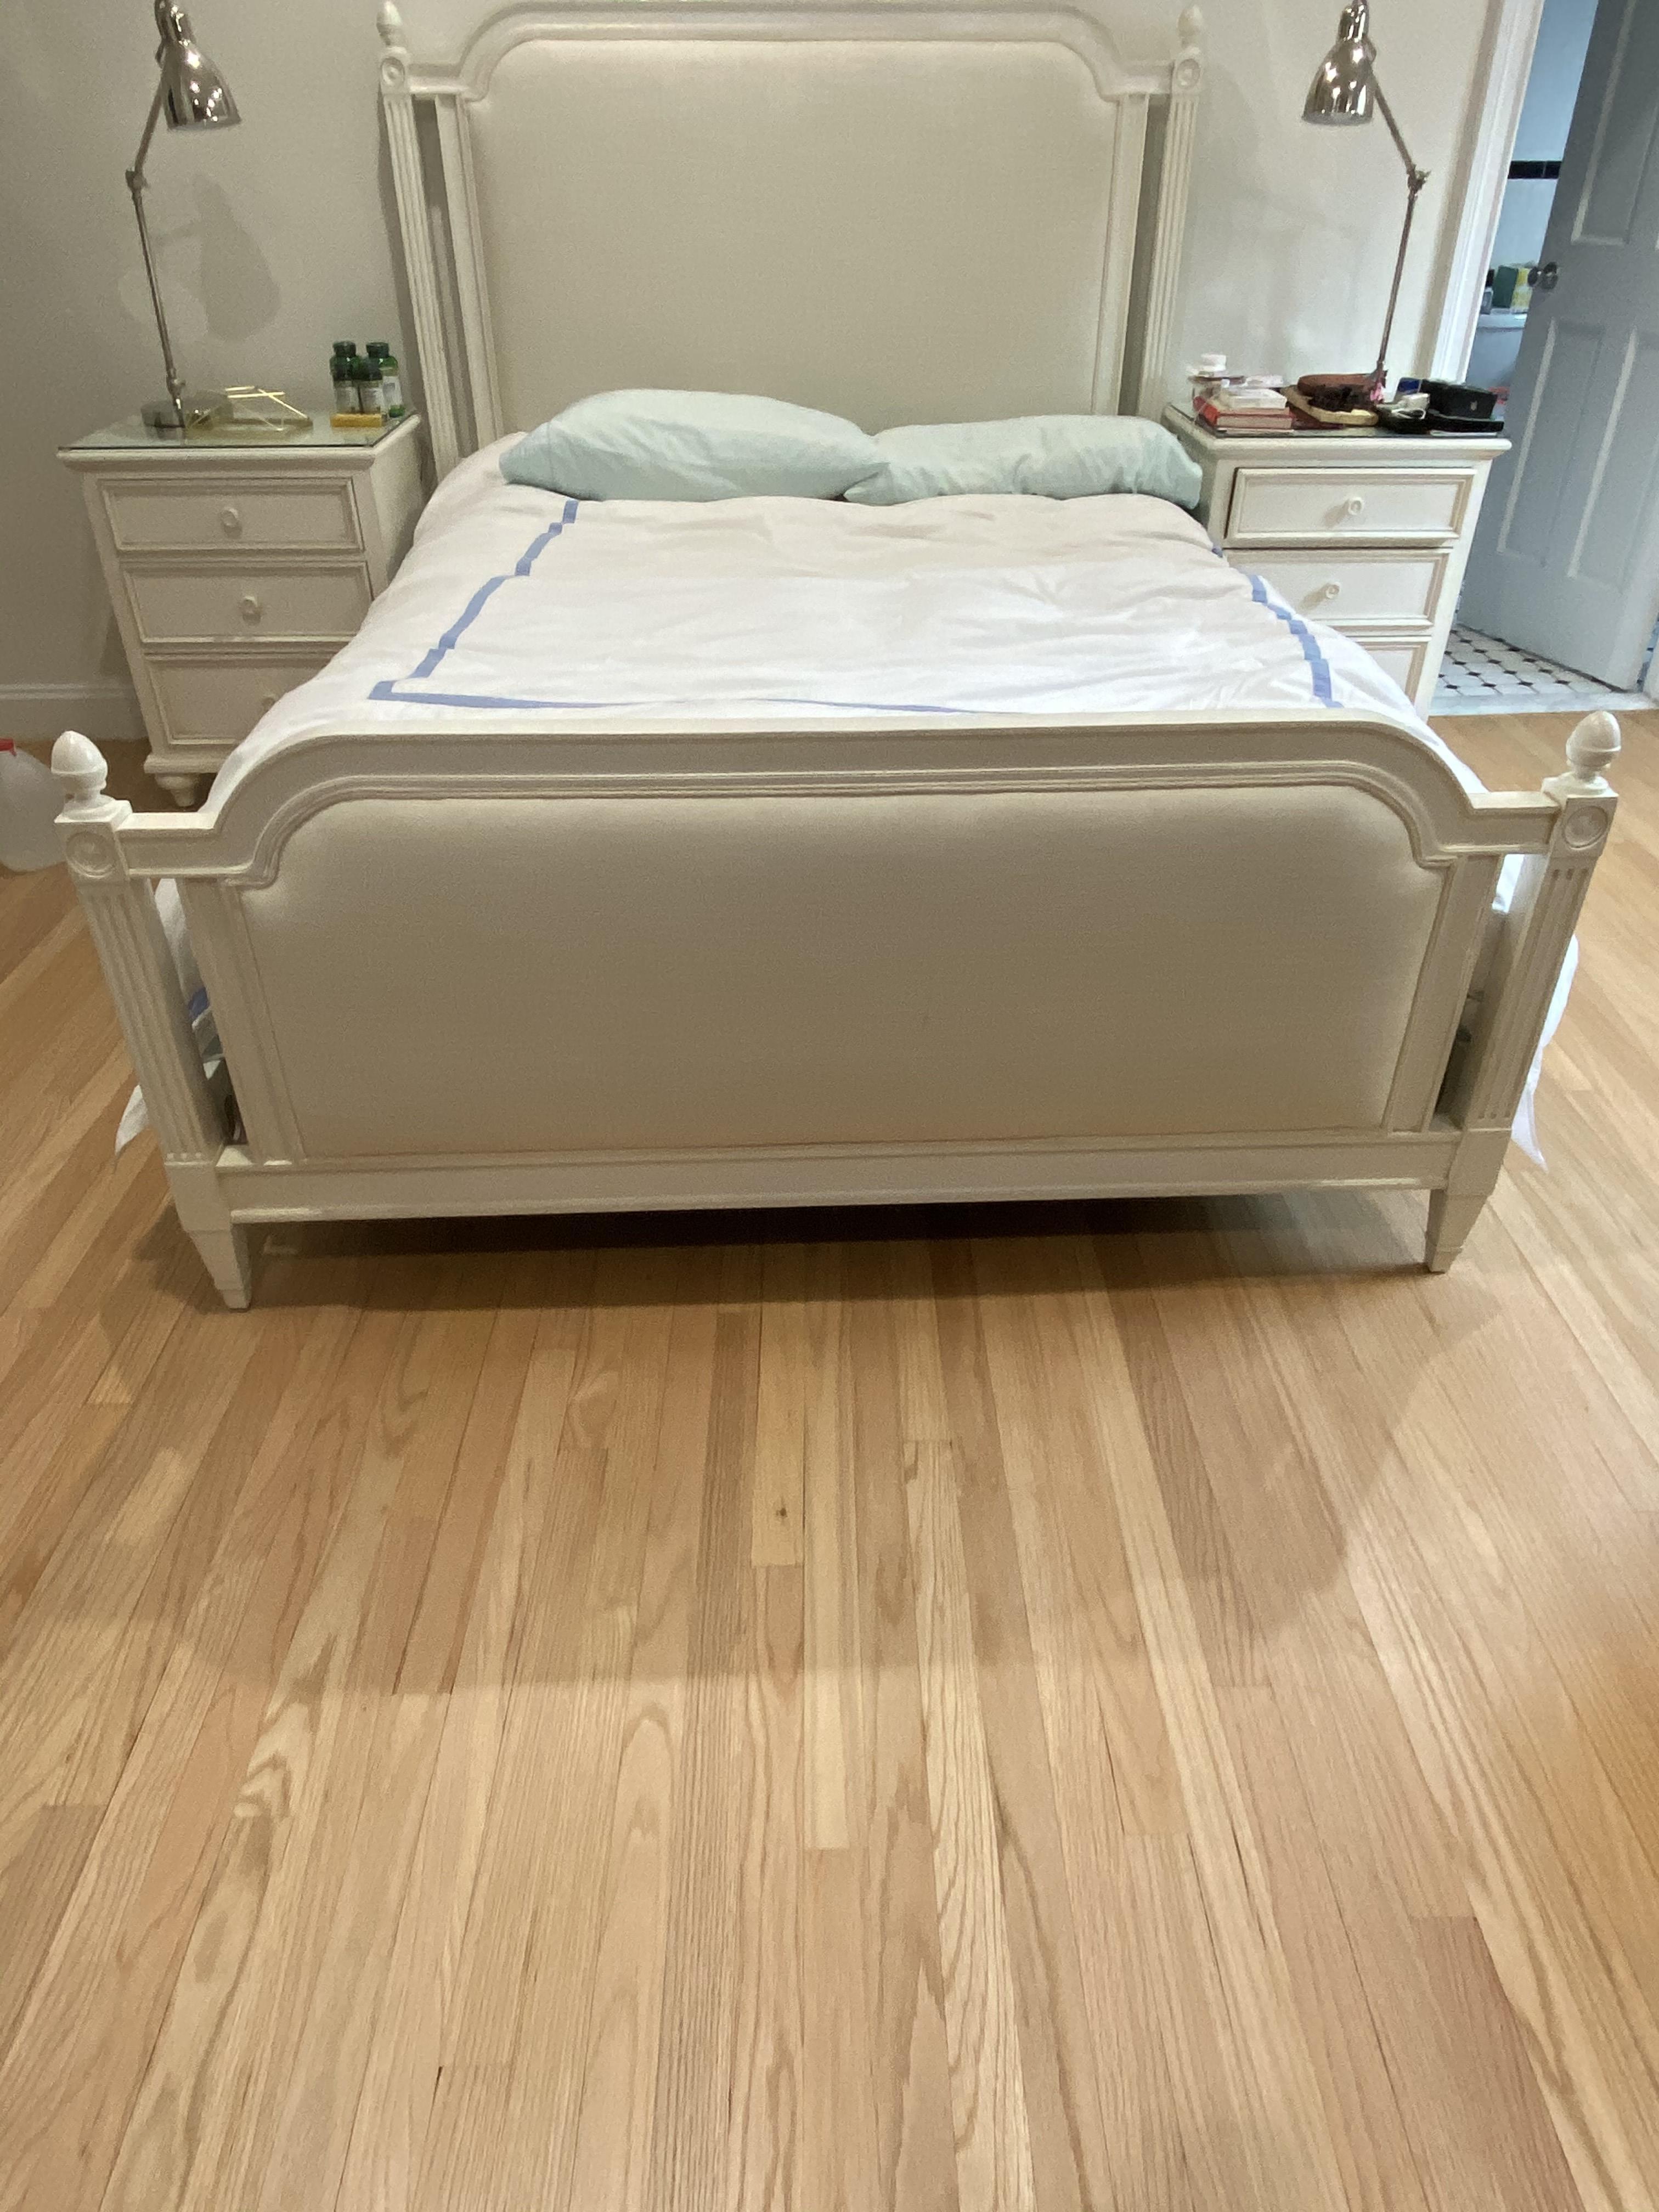 Ethan Allen Alessandra Queen Bed